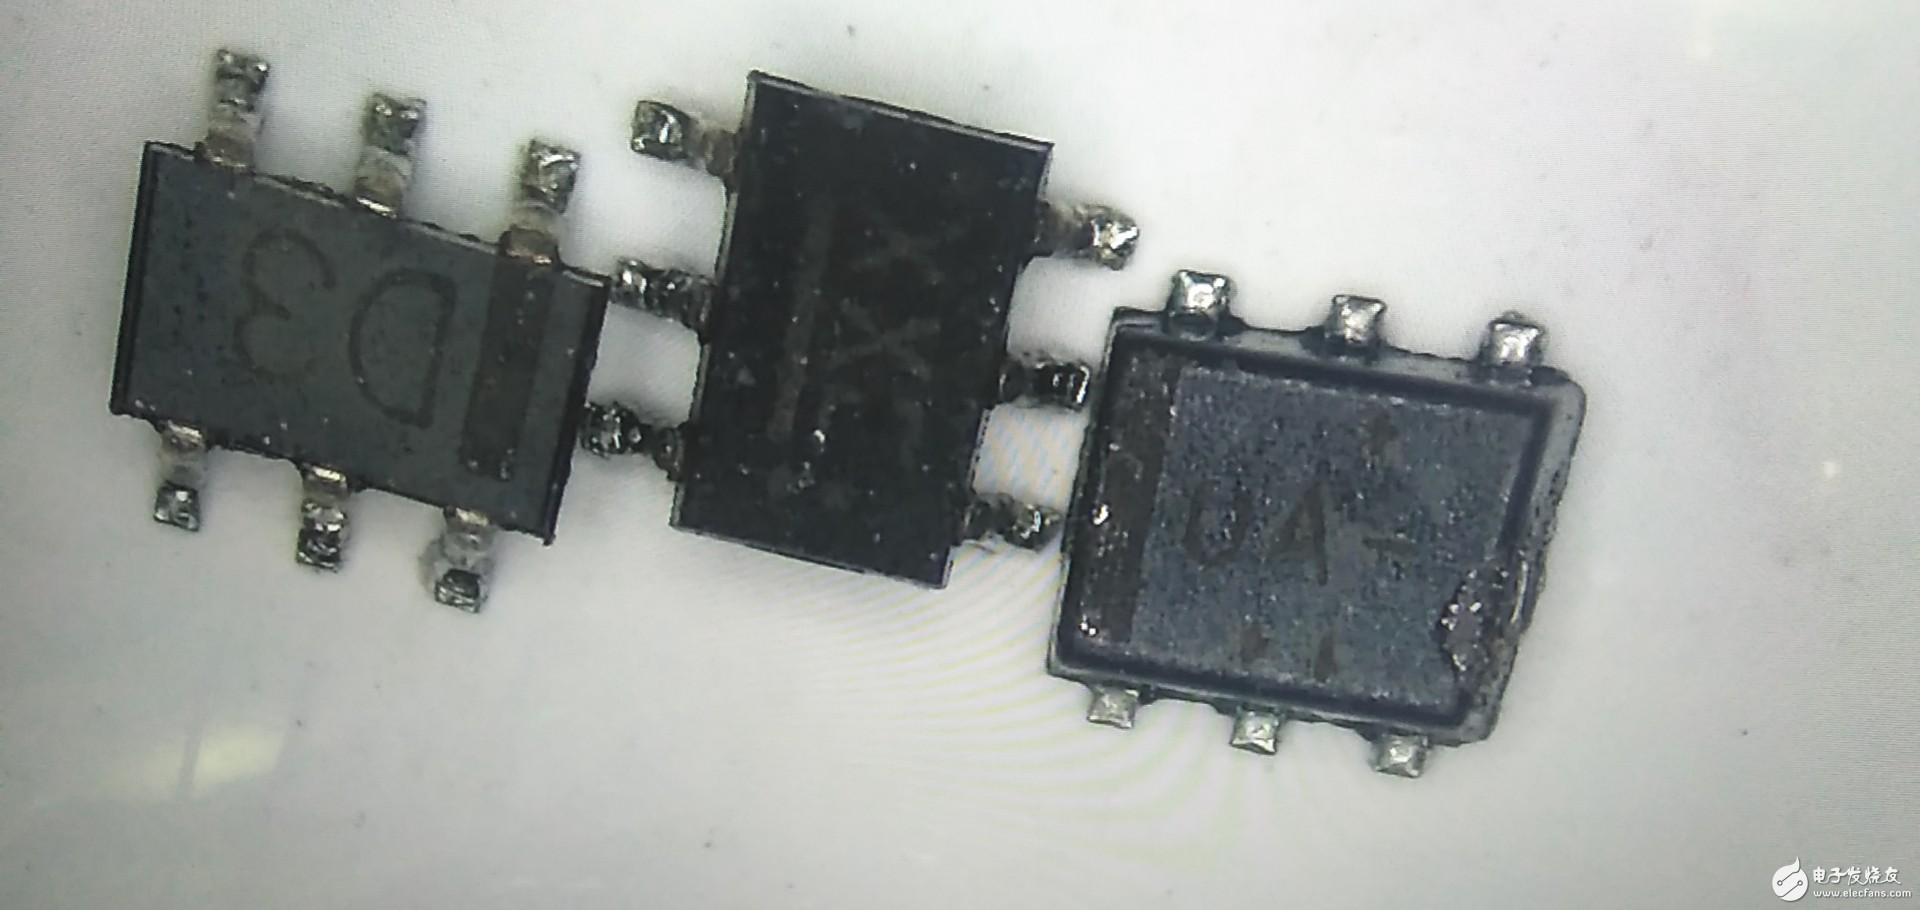 这几款是什么芯片,请问谁有用过,请大侠指教下